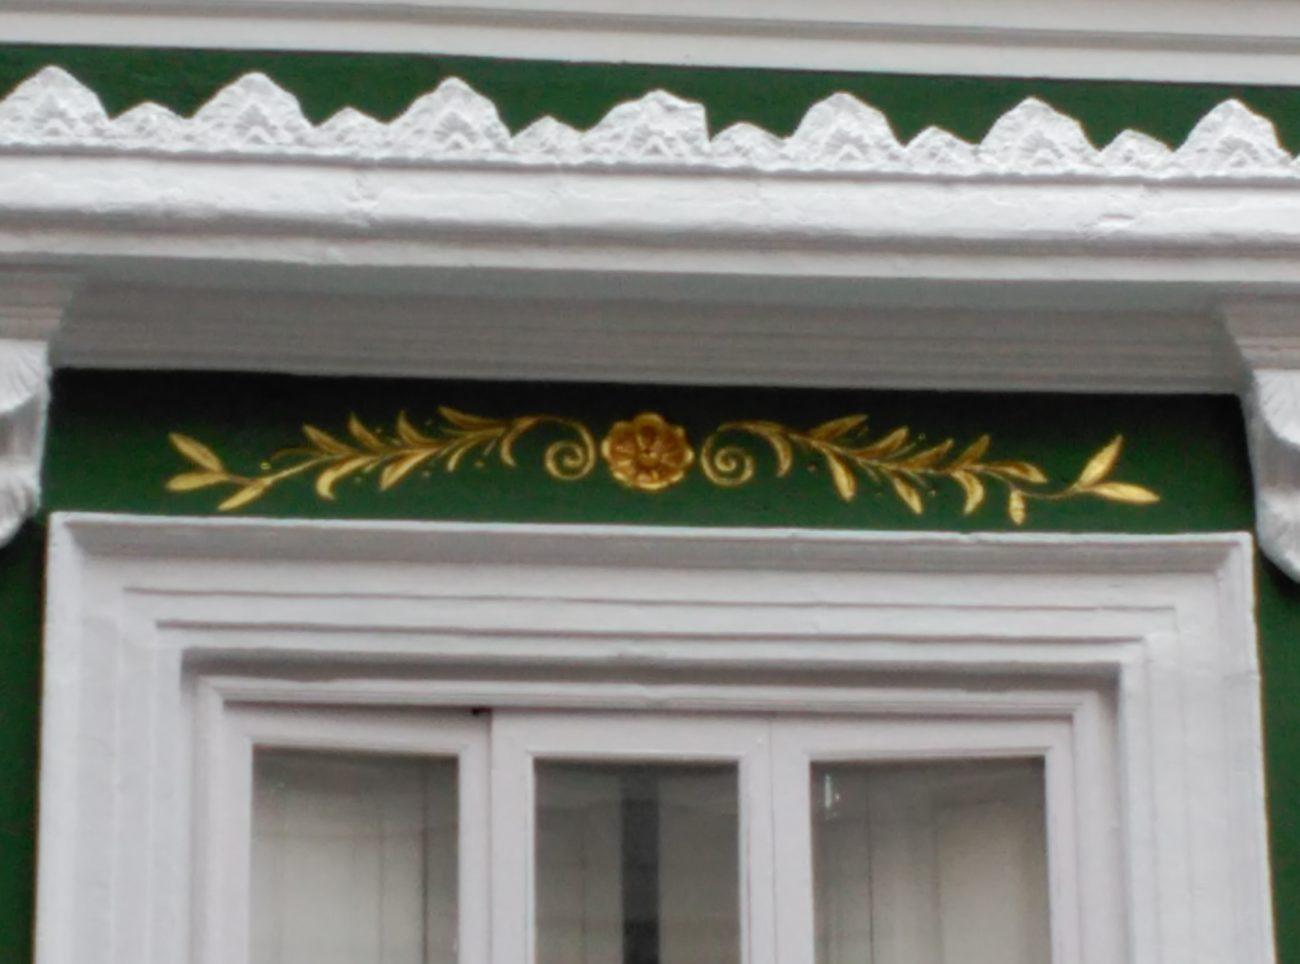 Detalle fachada Visconti, potenciando la ornamentación en blanco y dorado sobre fondo verde. Inma Gregori 2015.